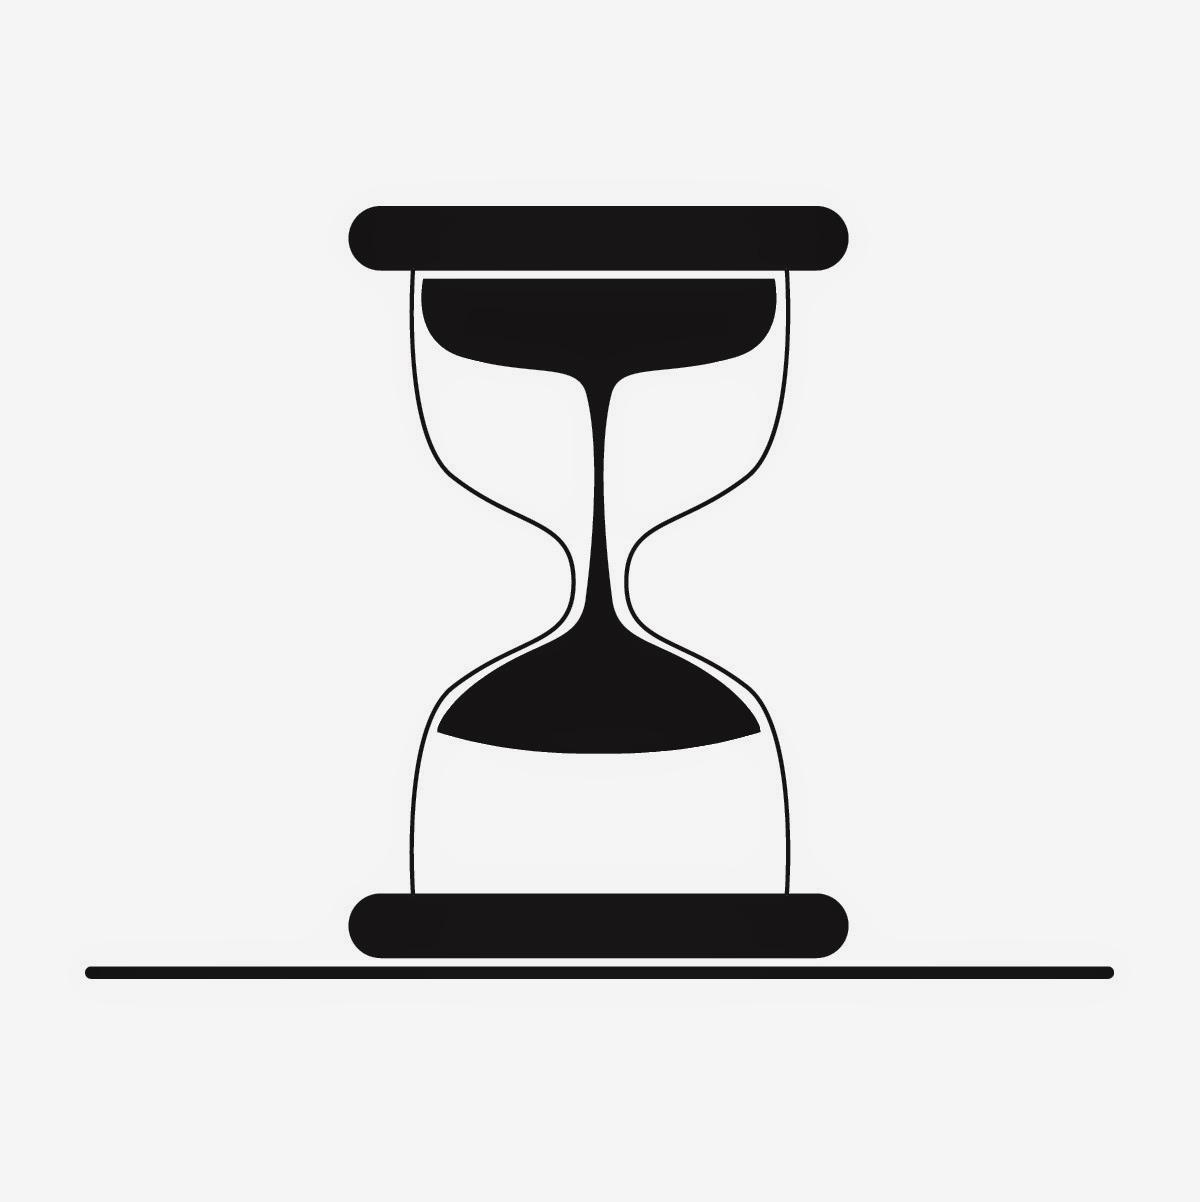 Viajes en el tiempo, time travel, logo, reloj de arena, libro, book, el retroceso